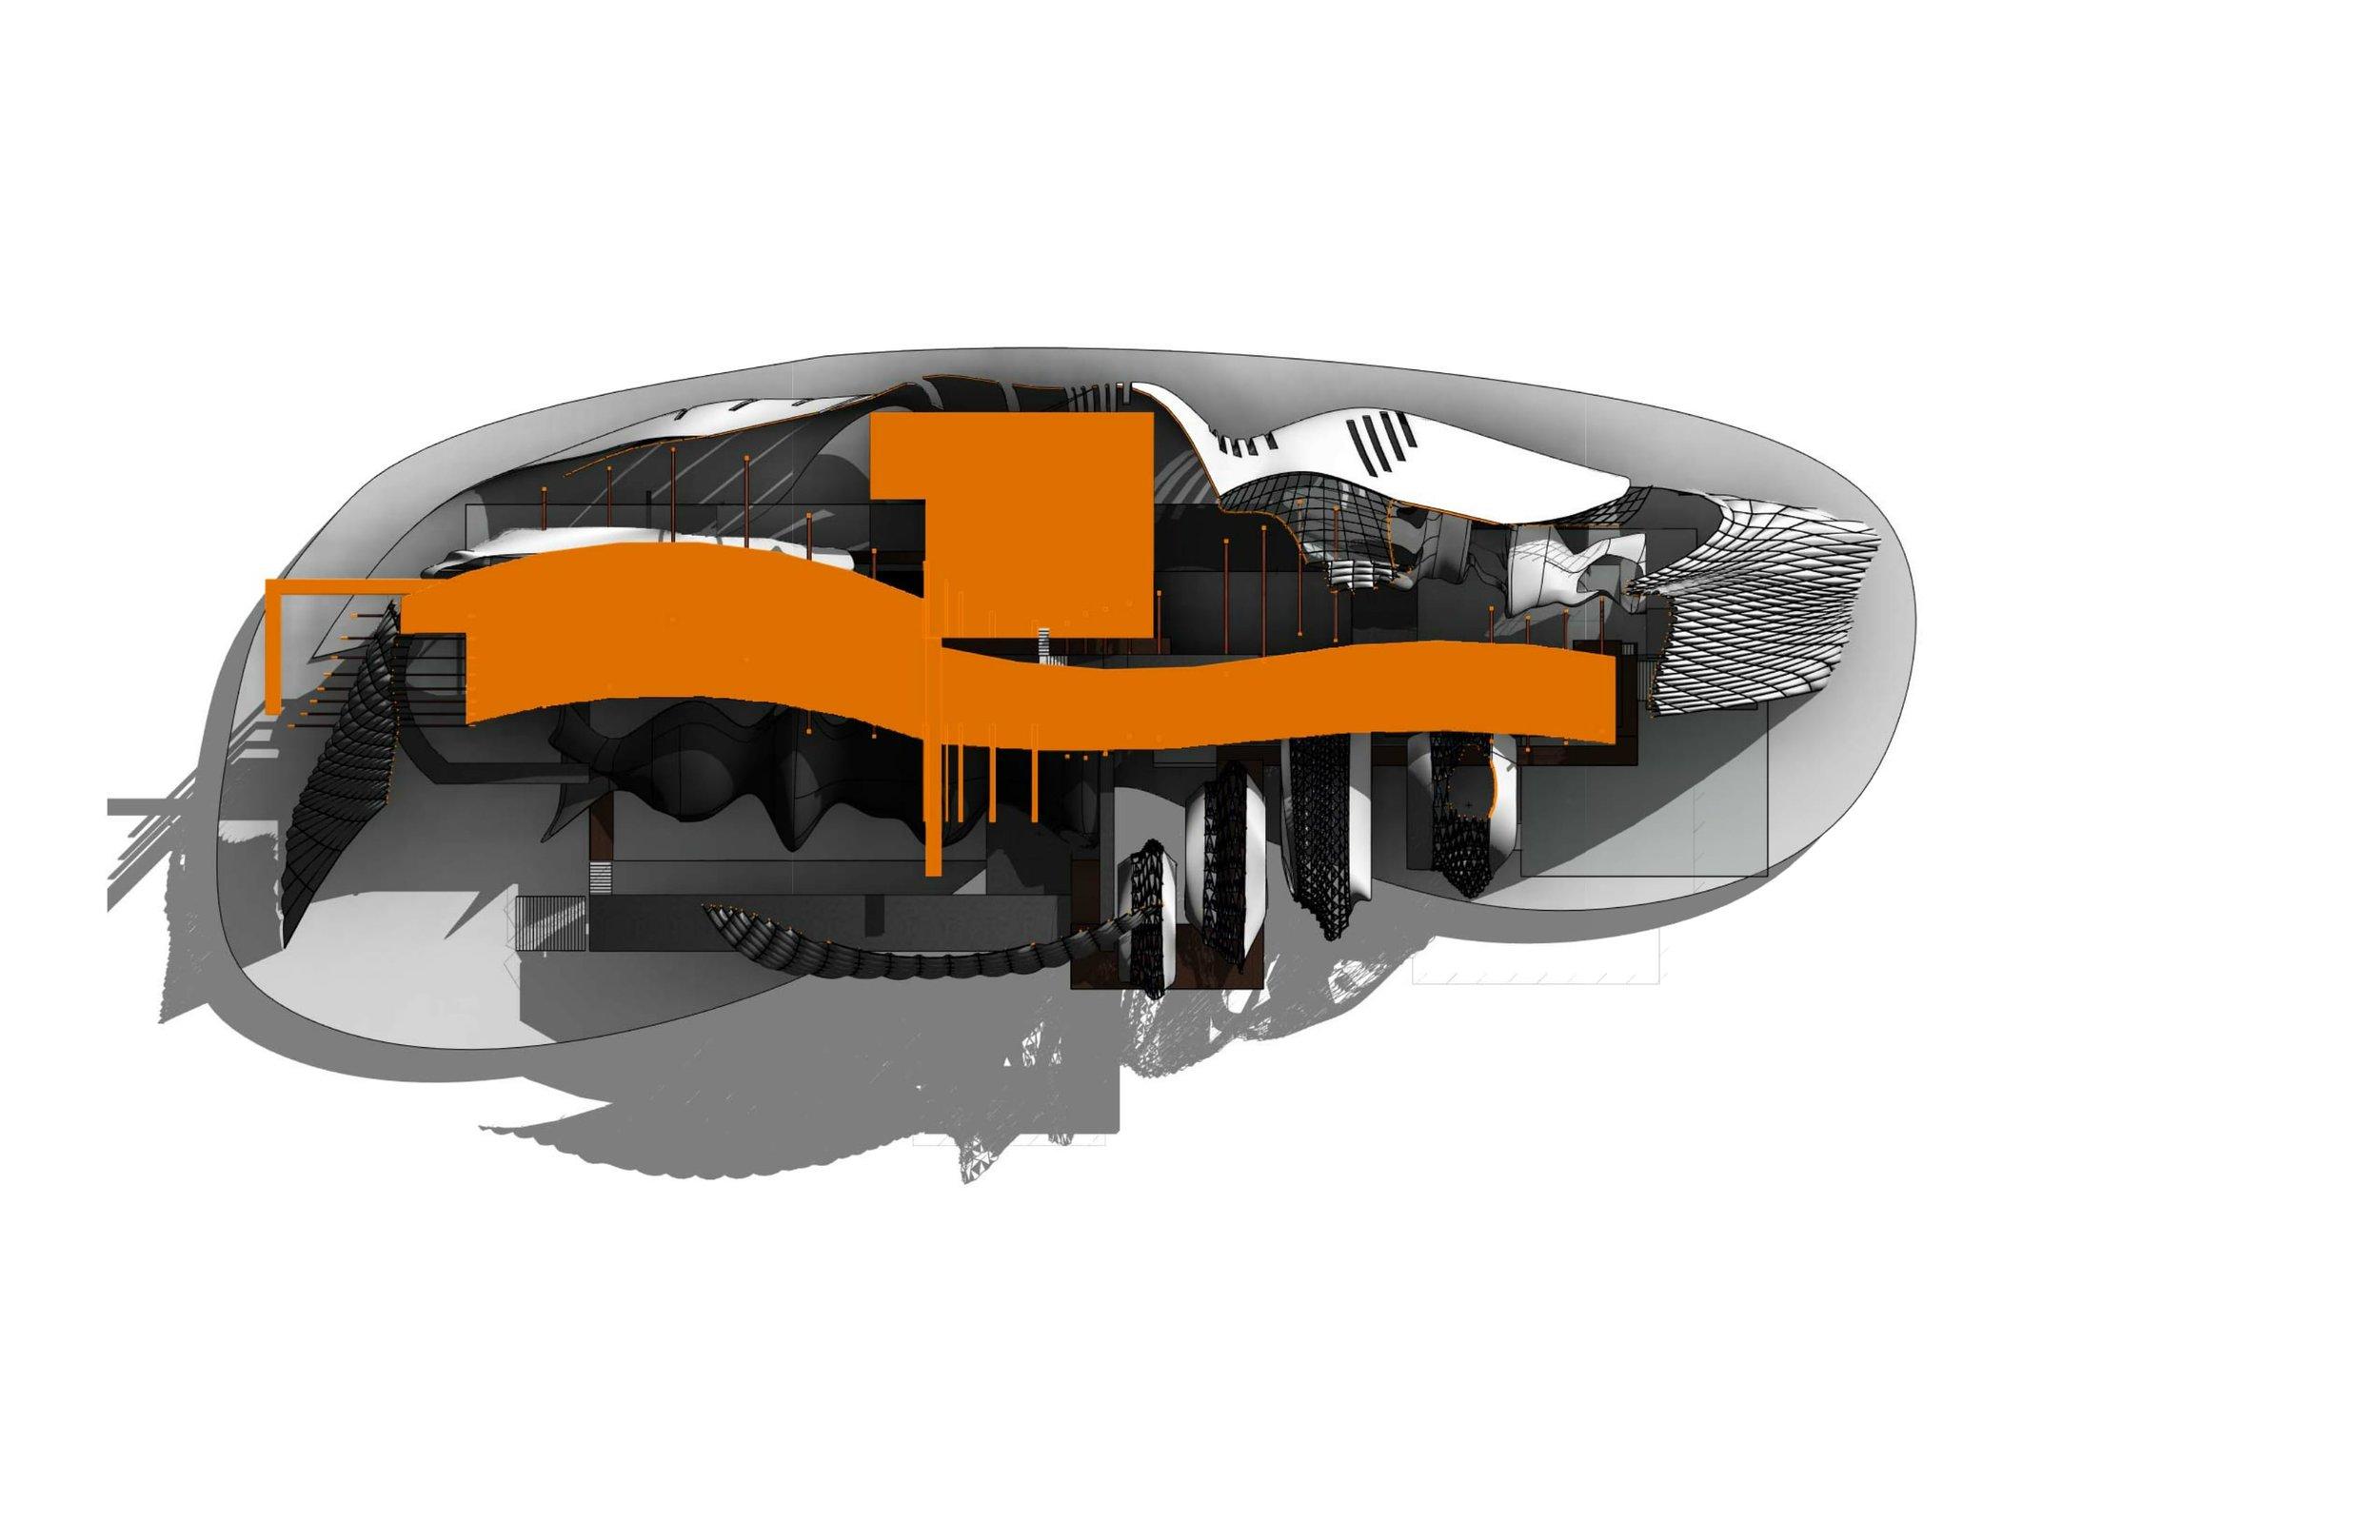 FabiaSainz_A05_FINALE (2)sgd - 3D View - FINAL - Plan 1-1.jpg